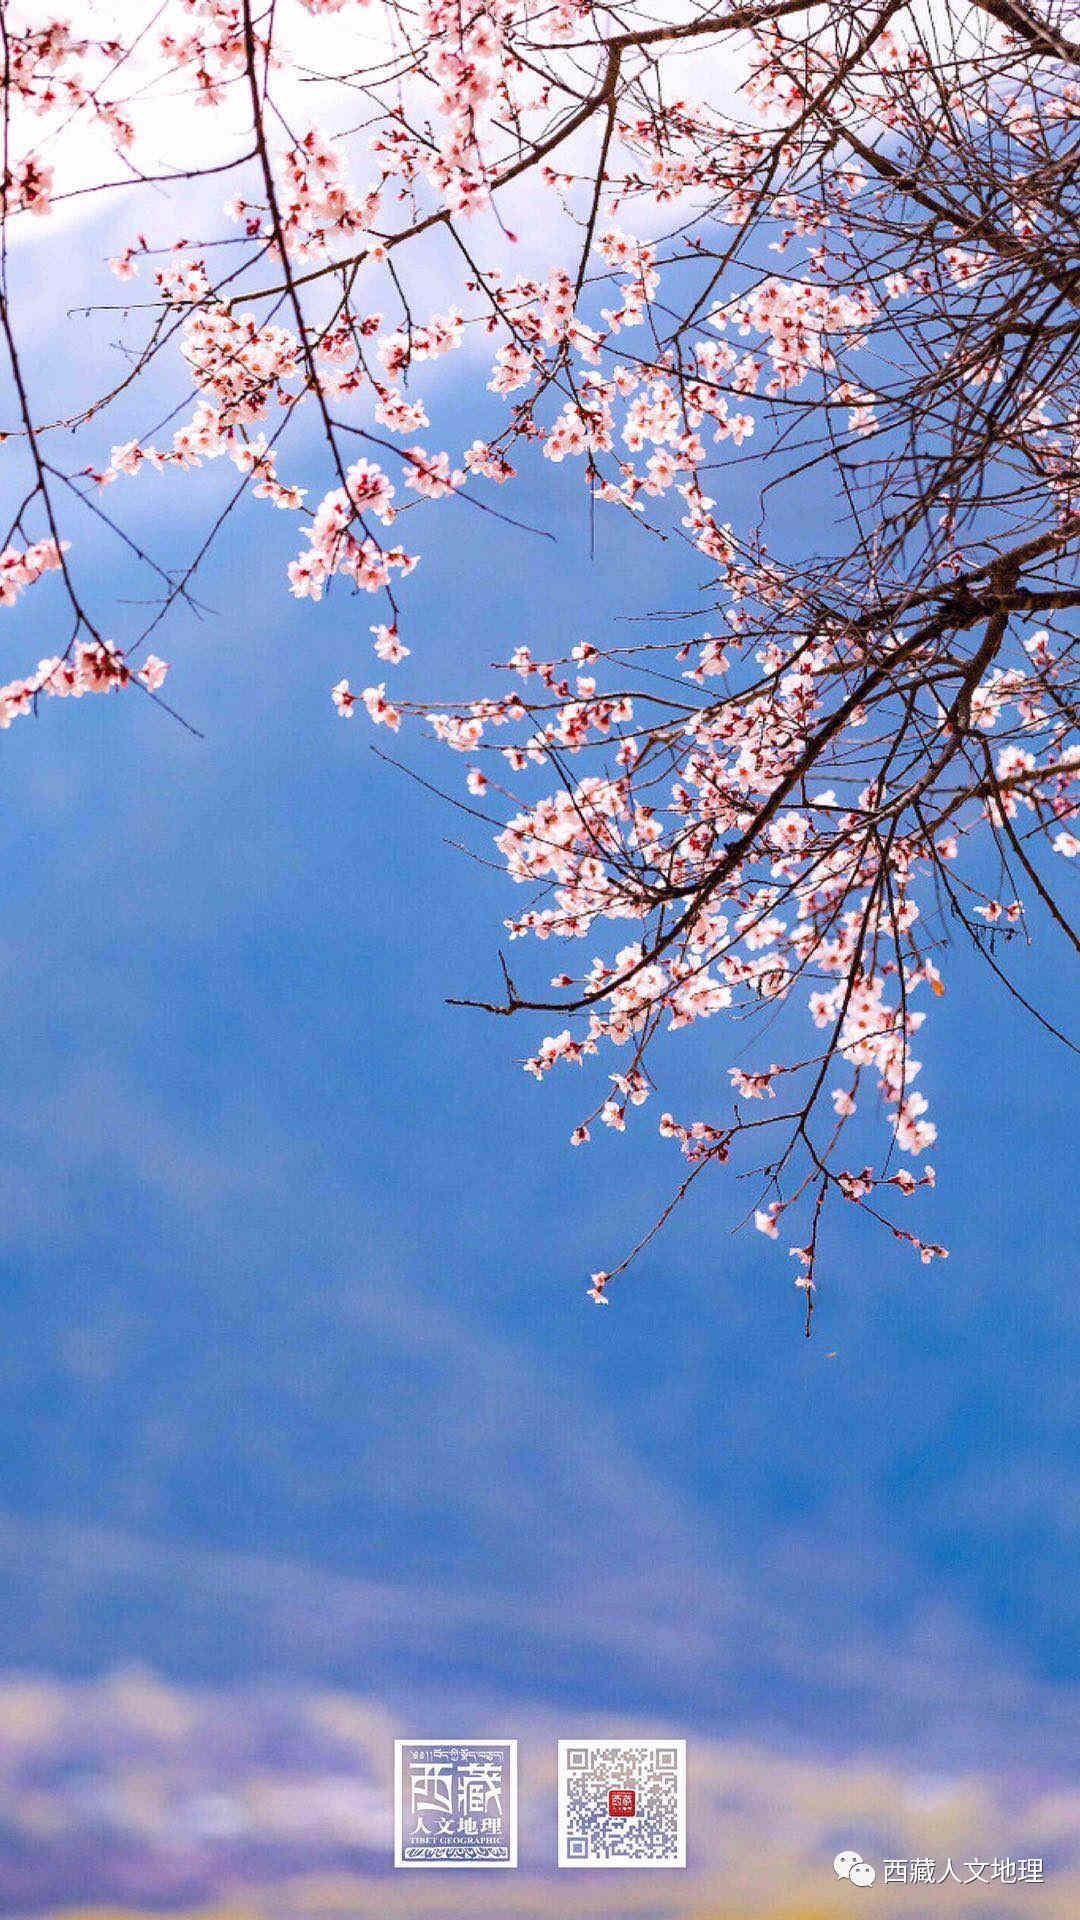 西藏四月天,换张春天的壁纸 换种芳菲的心情